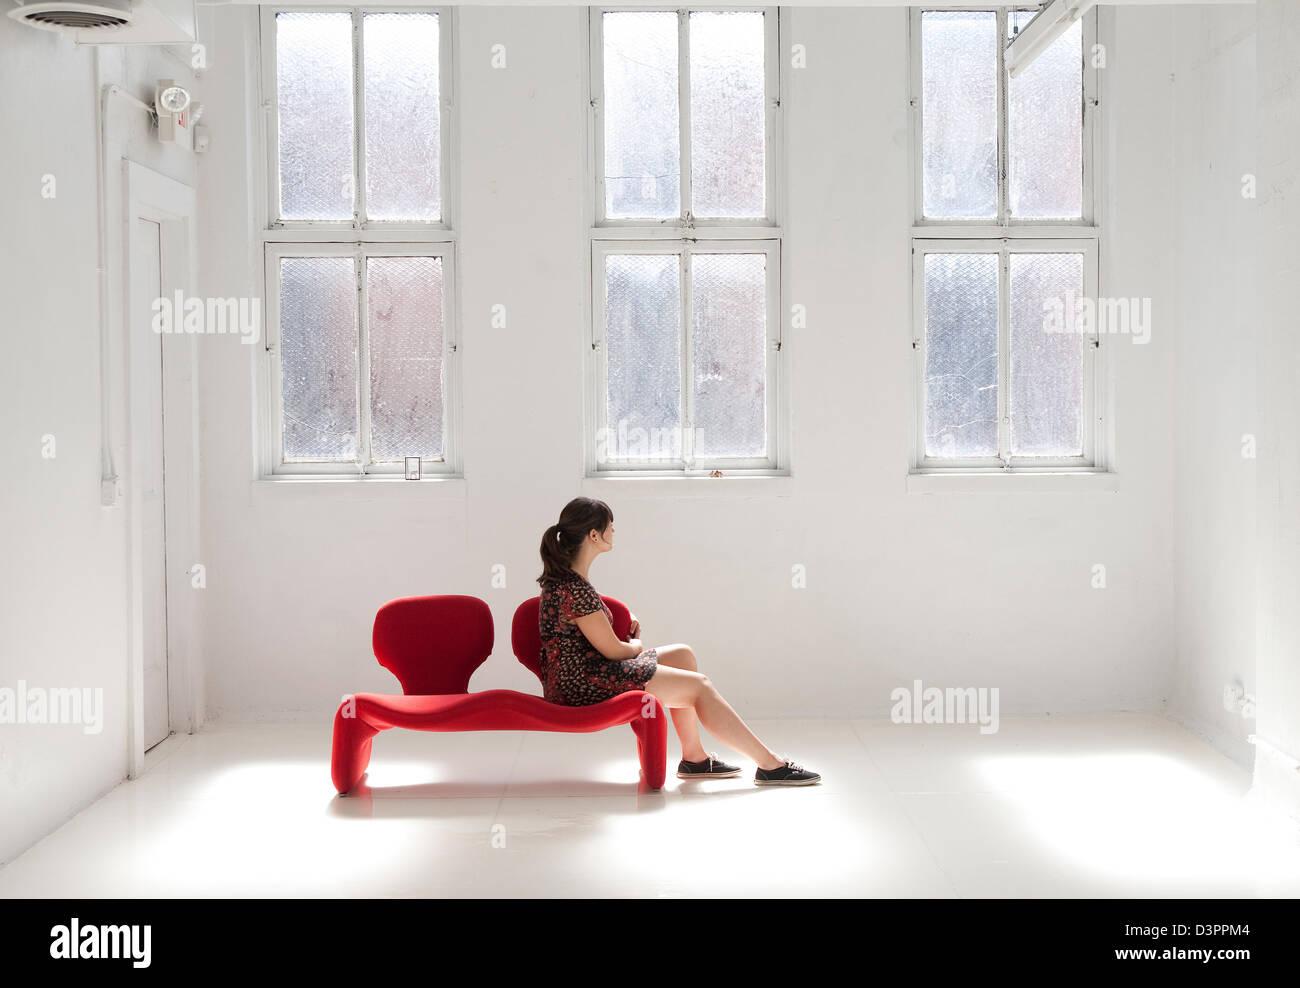 Mädchen sitzen in einem leeren Raum mit einem roten sofa Stockbild